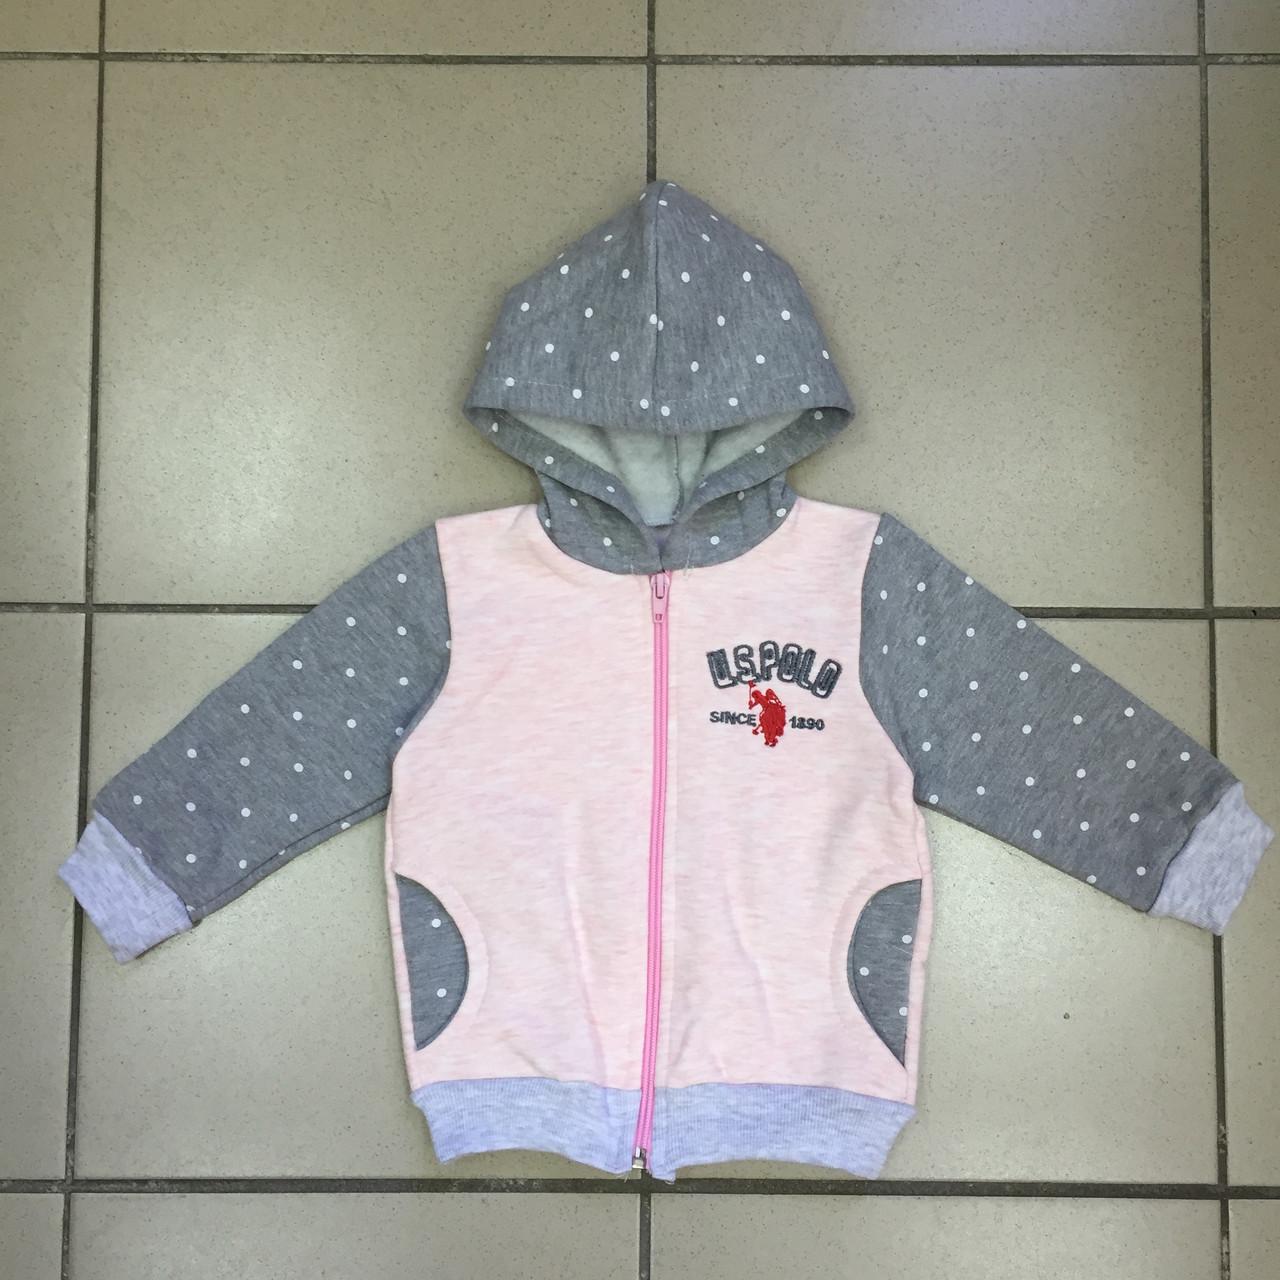 b6c478875961 Купить Детская одежда оптом Джемпер-поло для мальчиков оптом